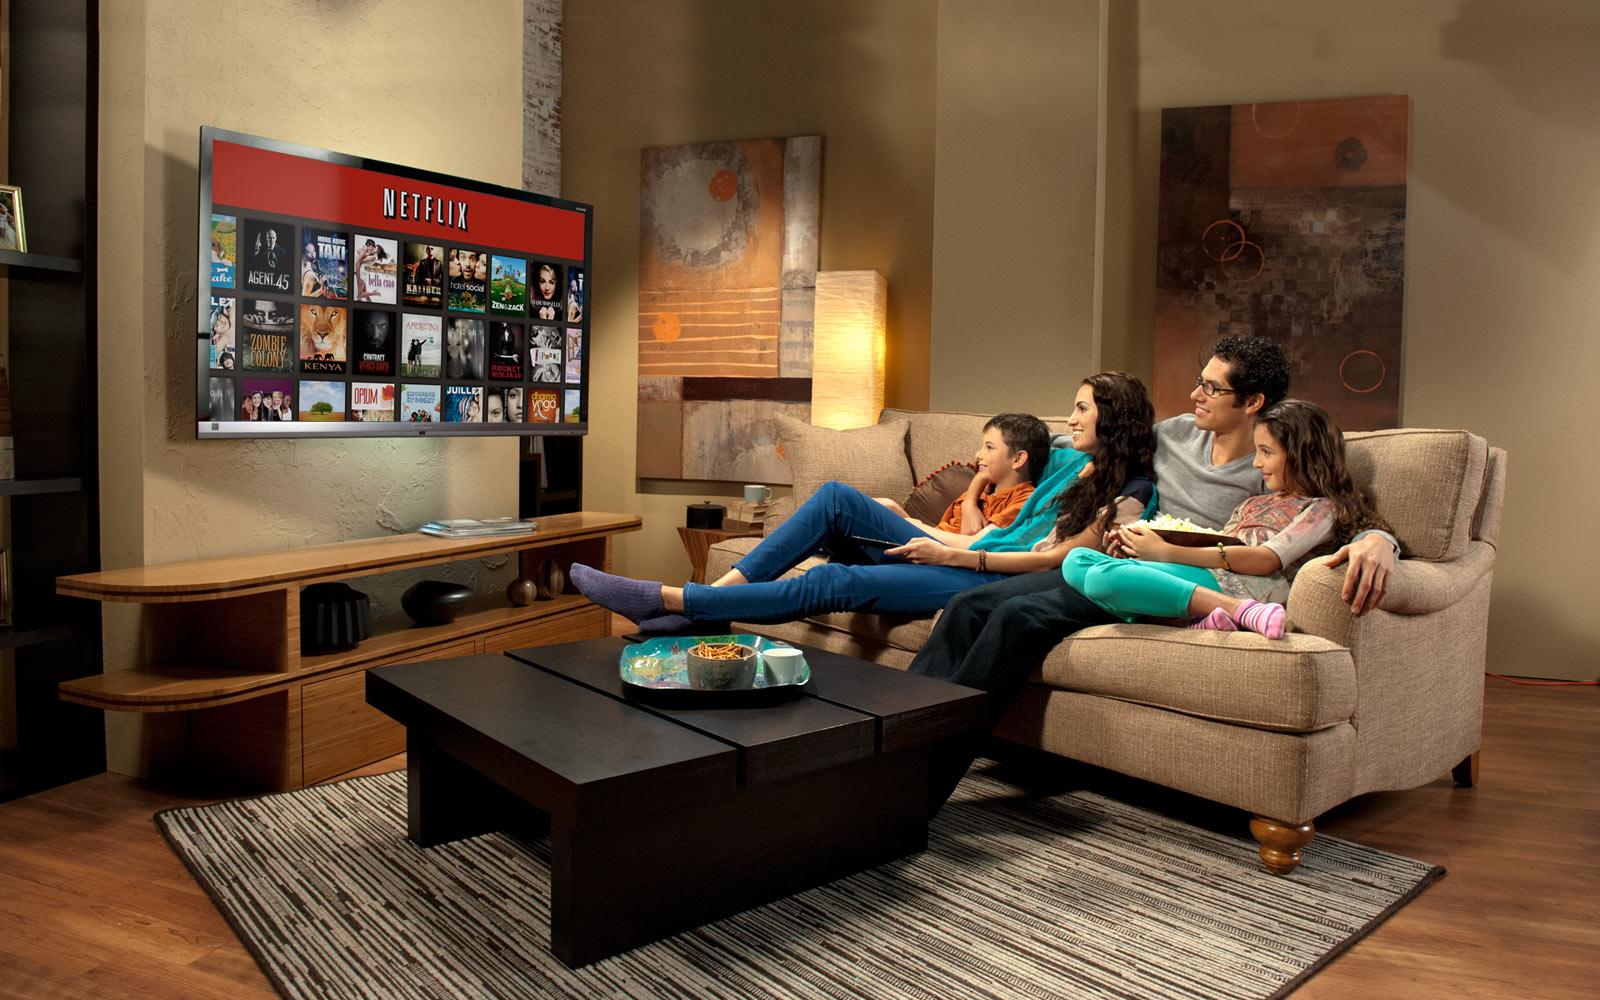 TV por Internet: 13 milhões de assinaturas até 2017 no Brasil